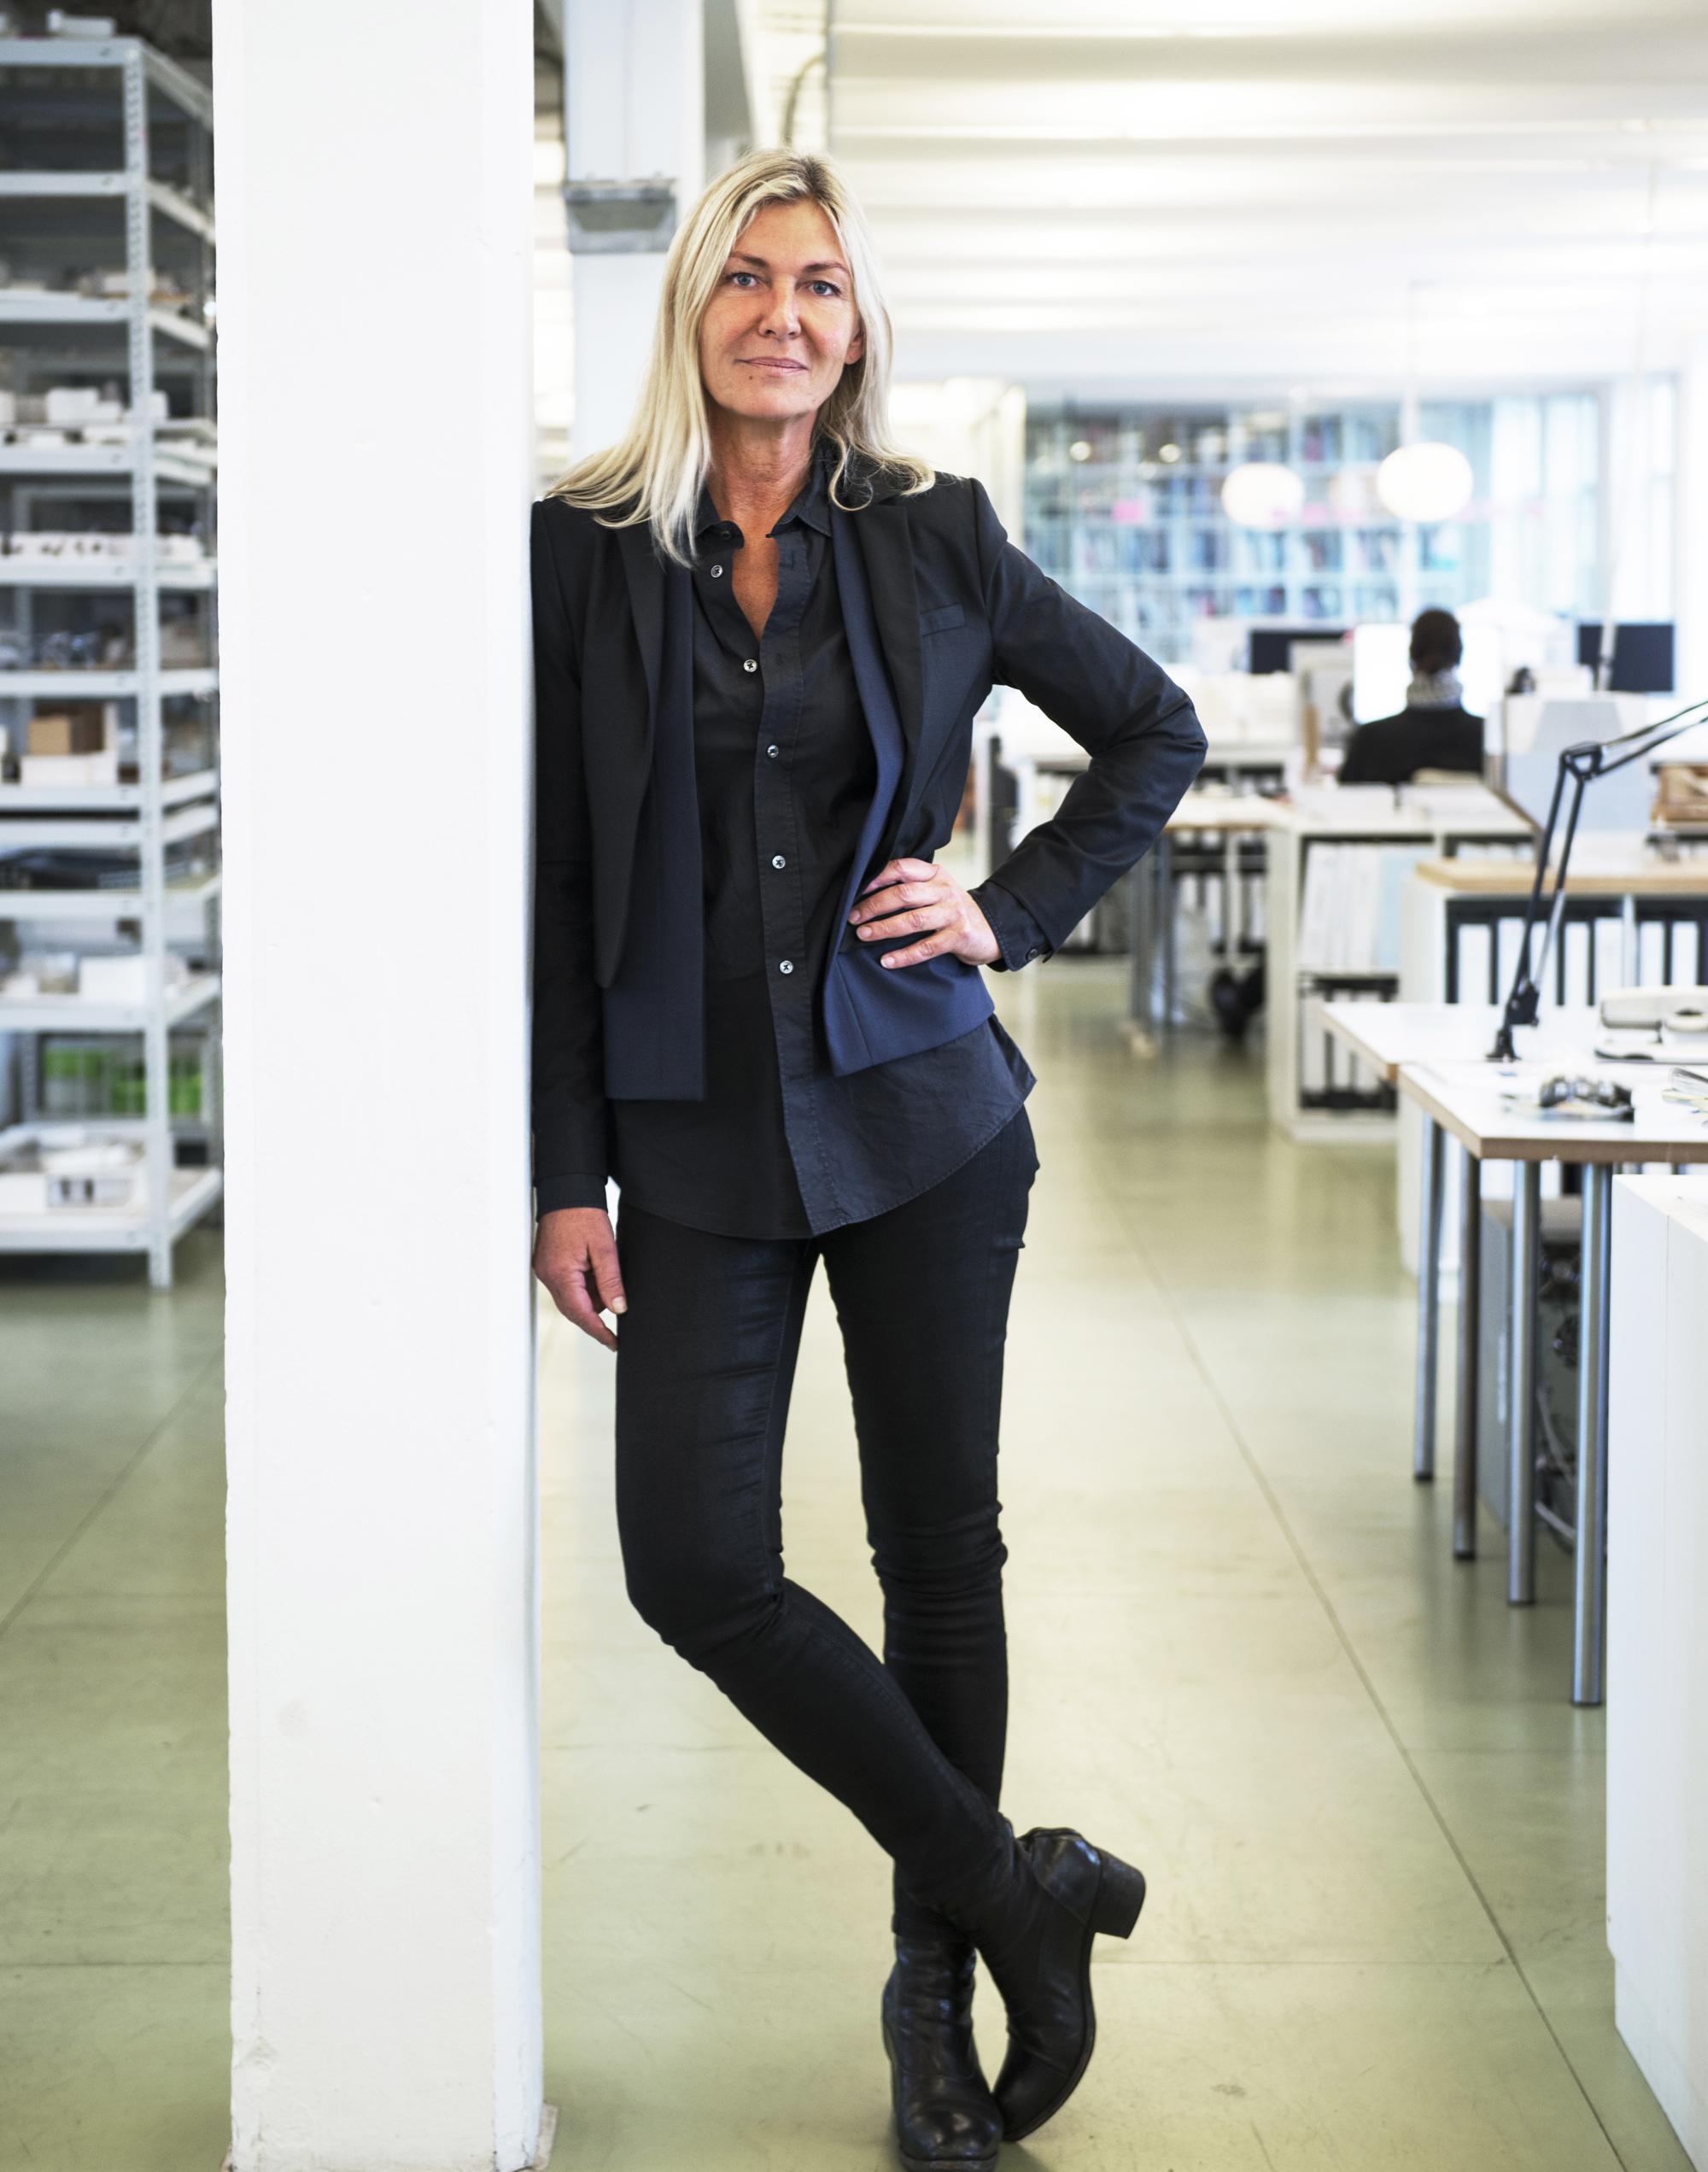 (c) Espen Grønli